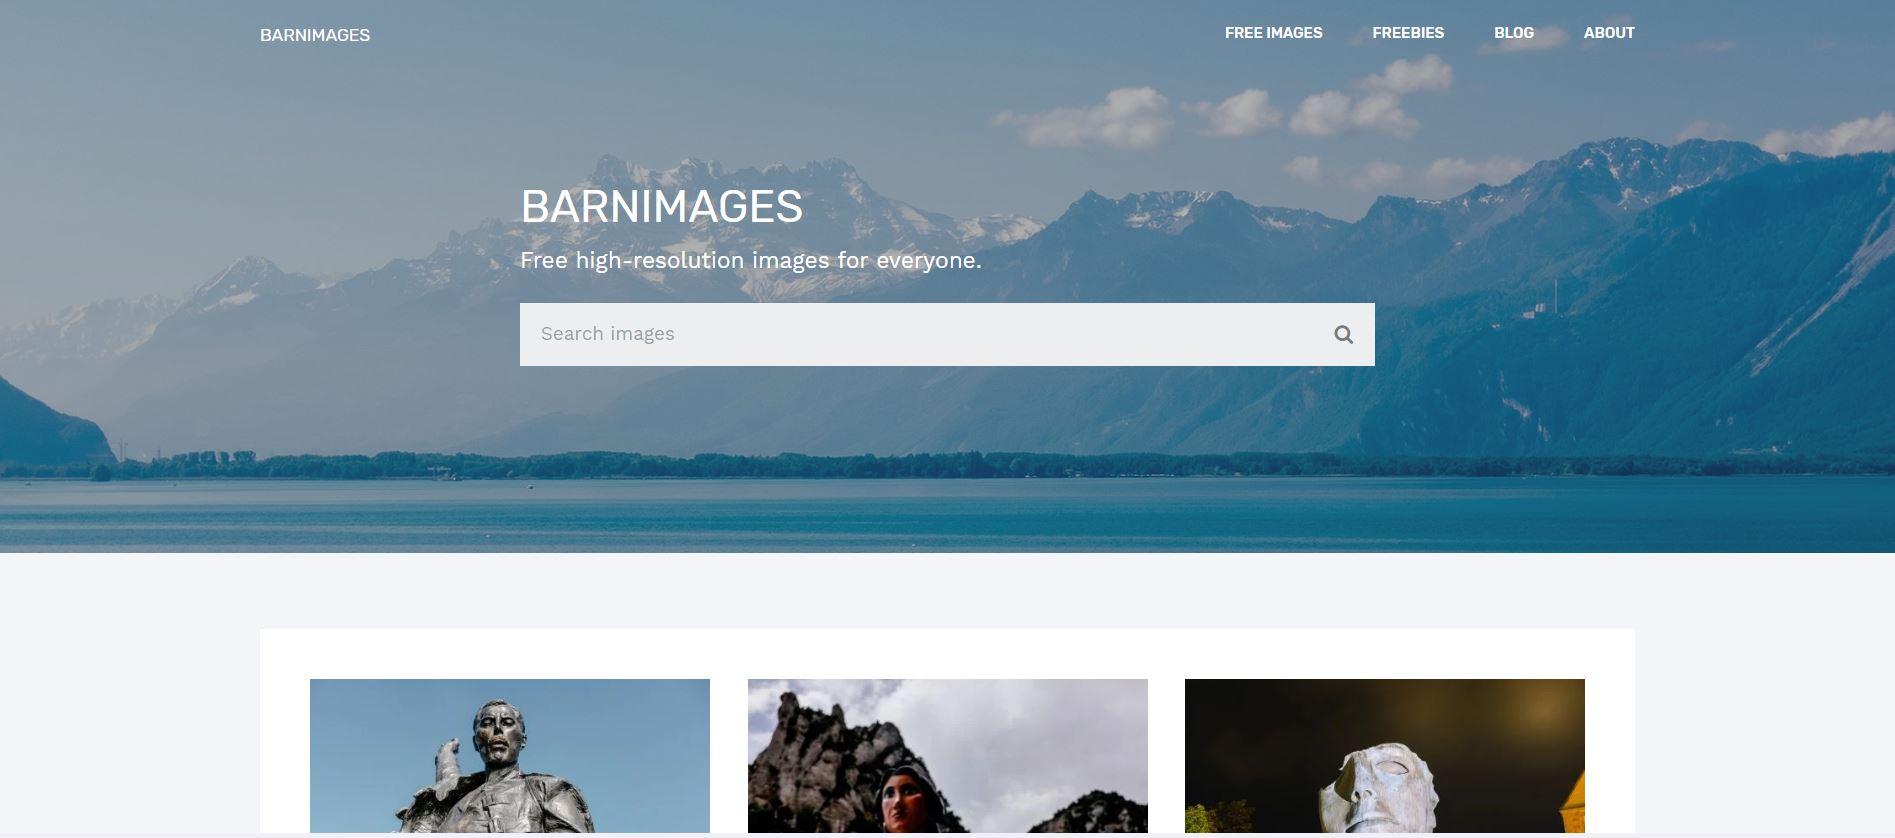 70 Bancos de Imagens Grátis Sites de Fotos Gratuitas 12